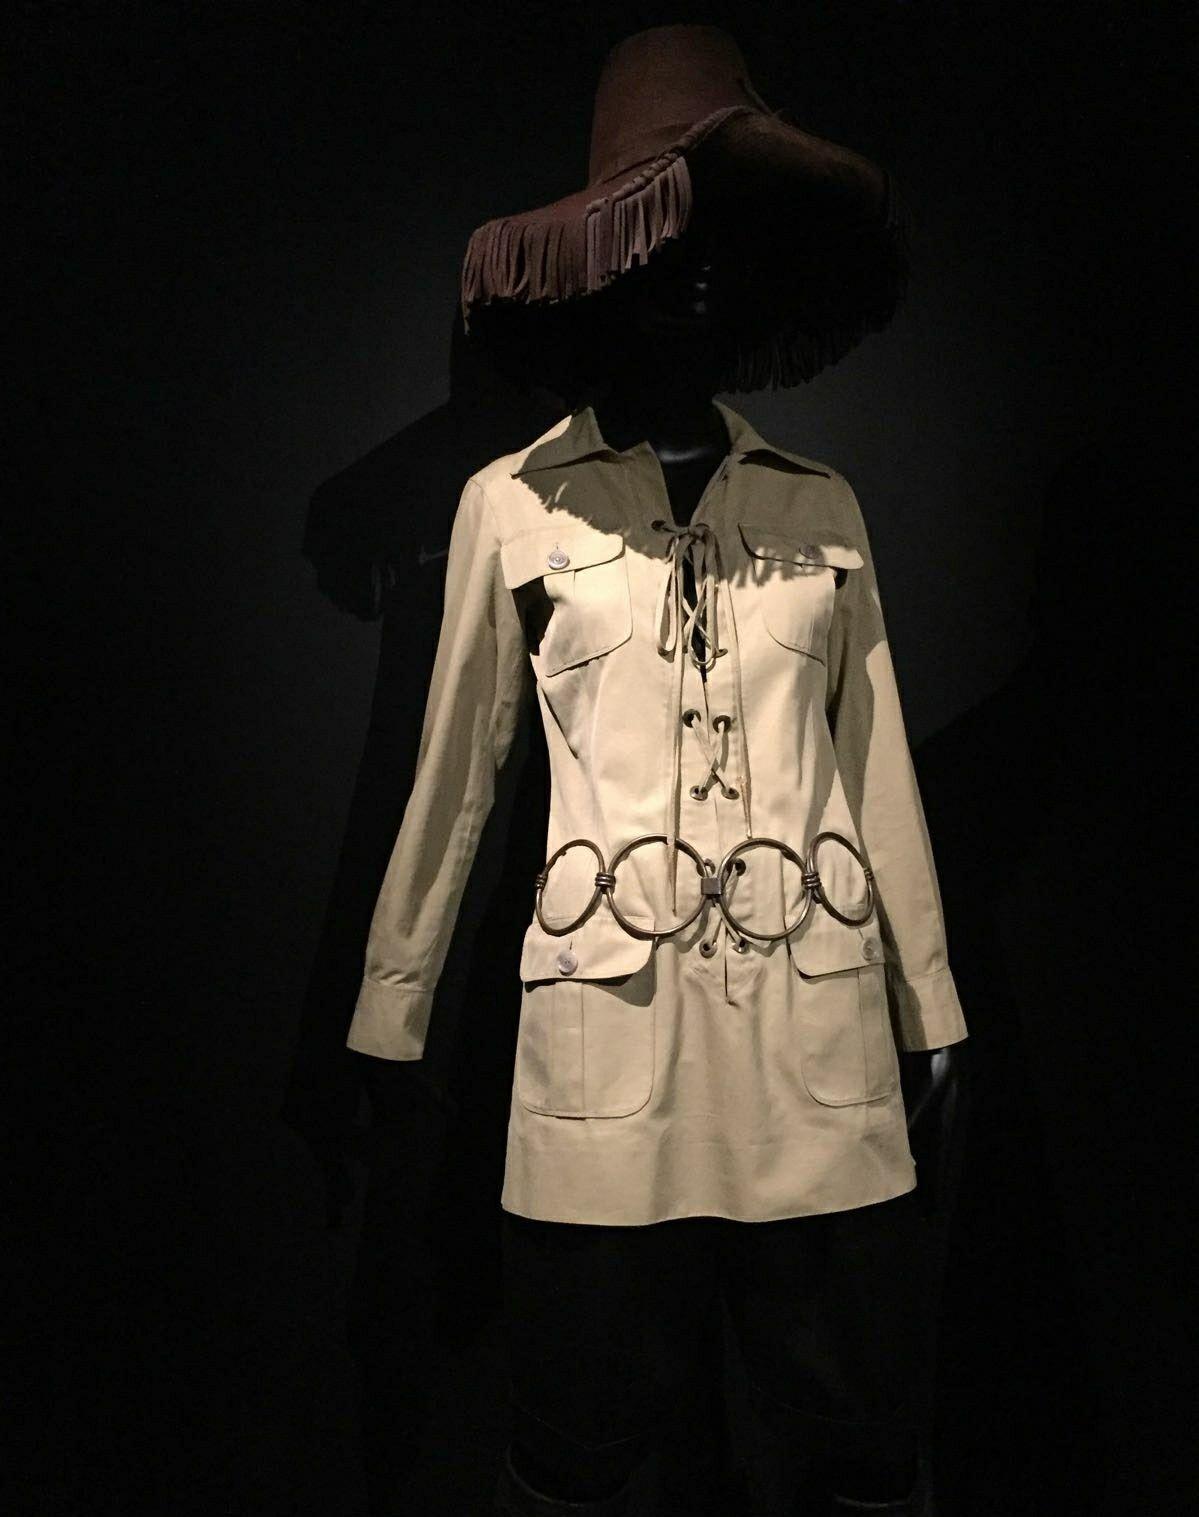 0bcfaa9f120d Saharienne en coton Yves Saint Laurent Haute couture printemps  été 1968.  Musée Yves Saint Laurent ( Novembre 2017). Photographie personnelle.